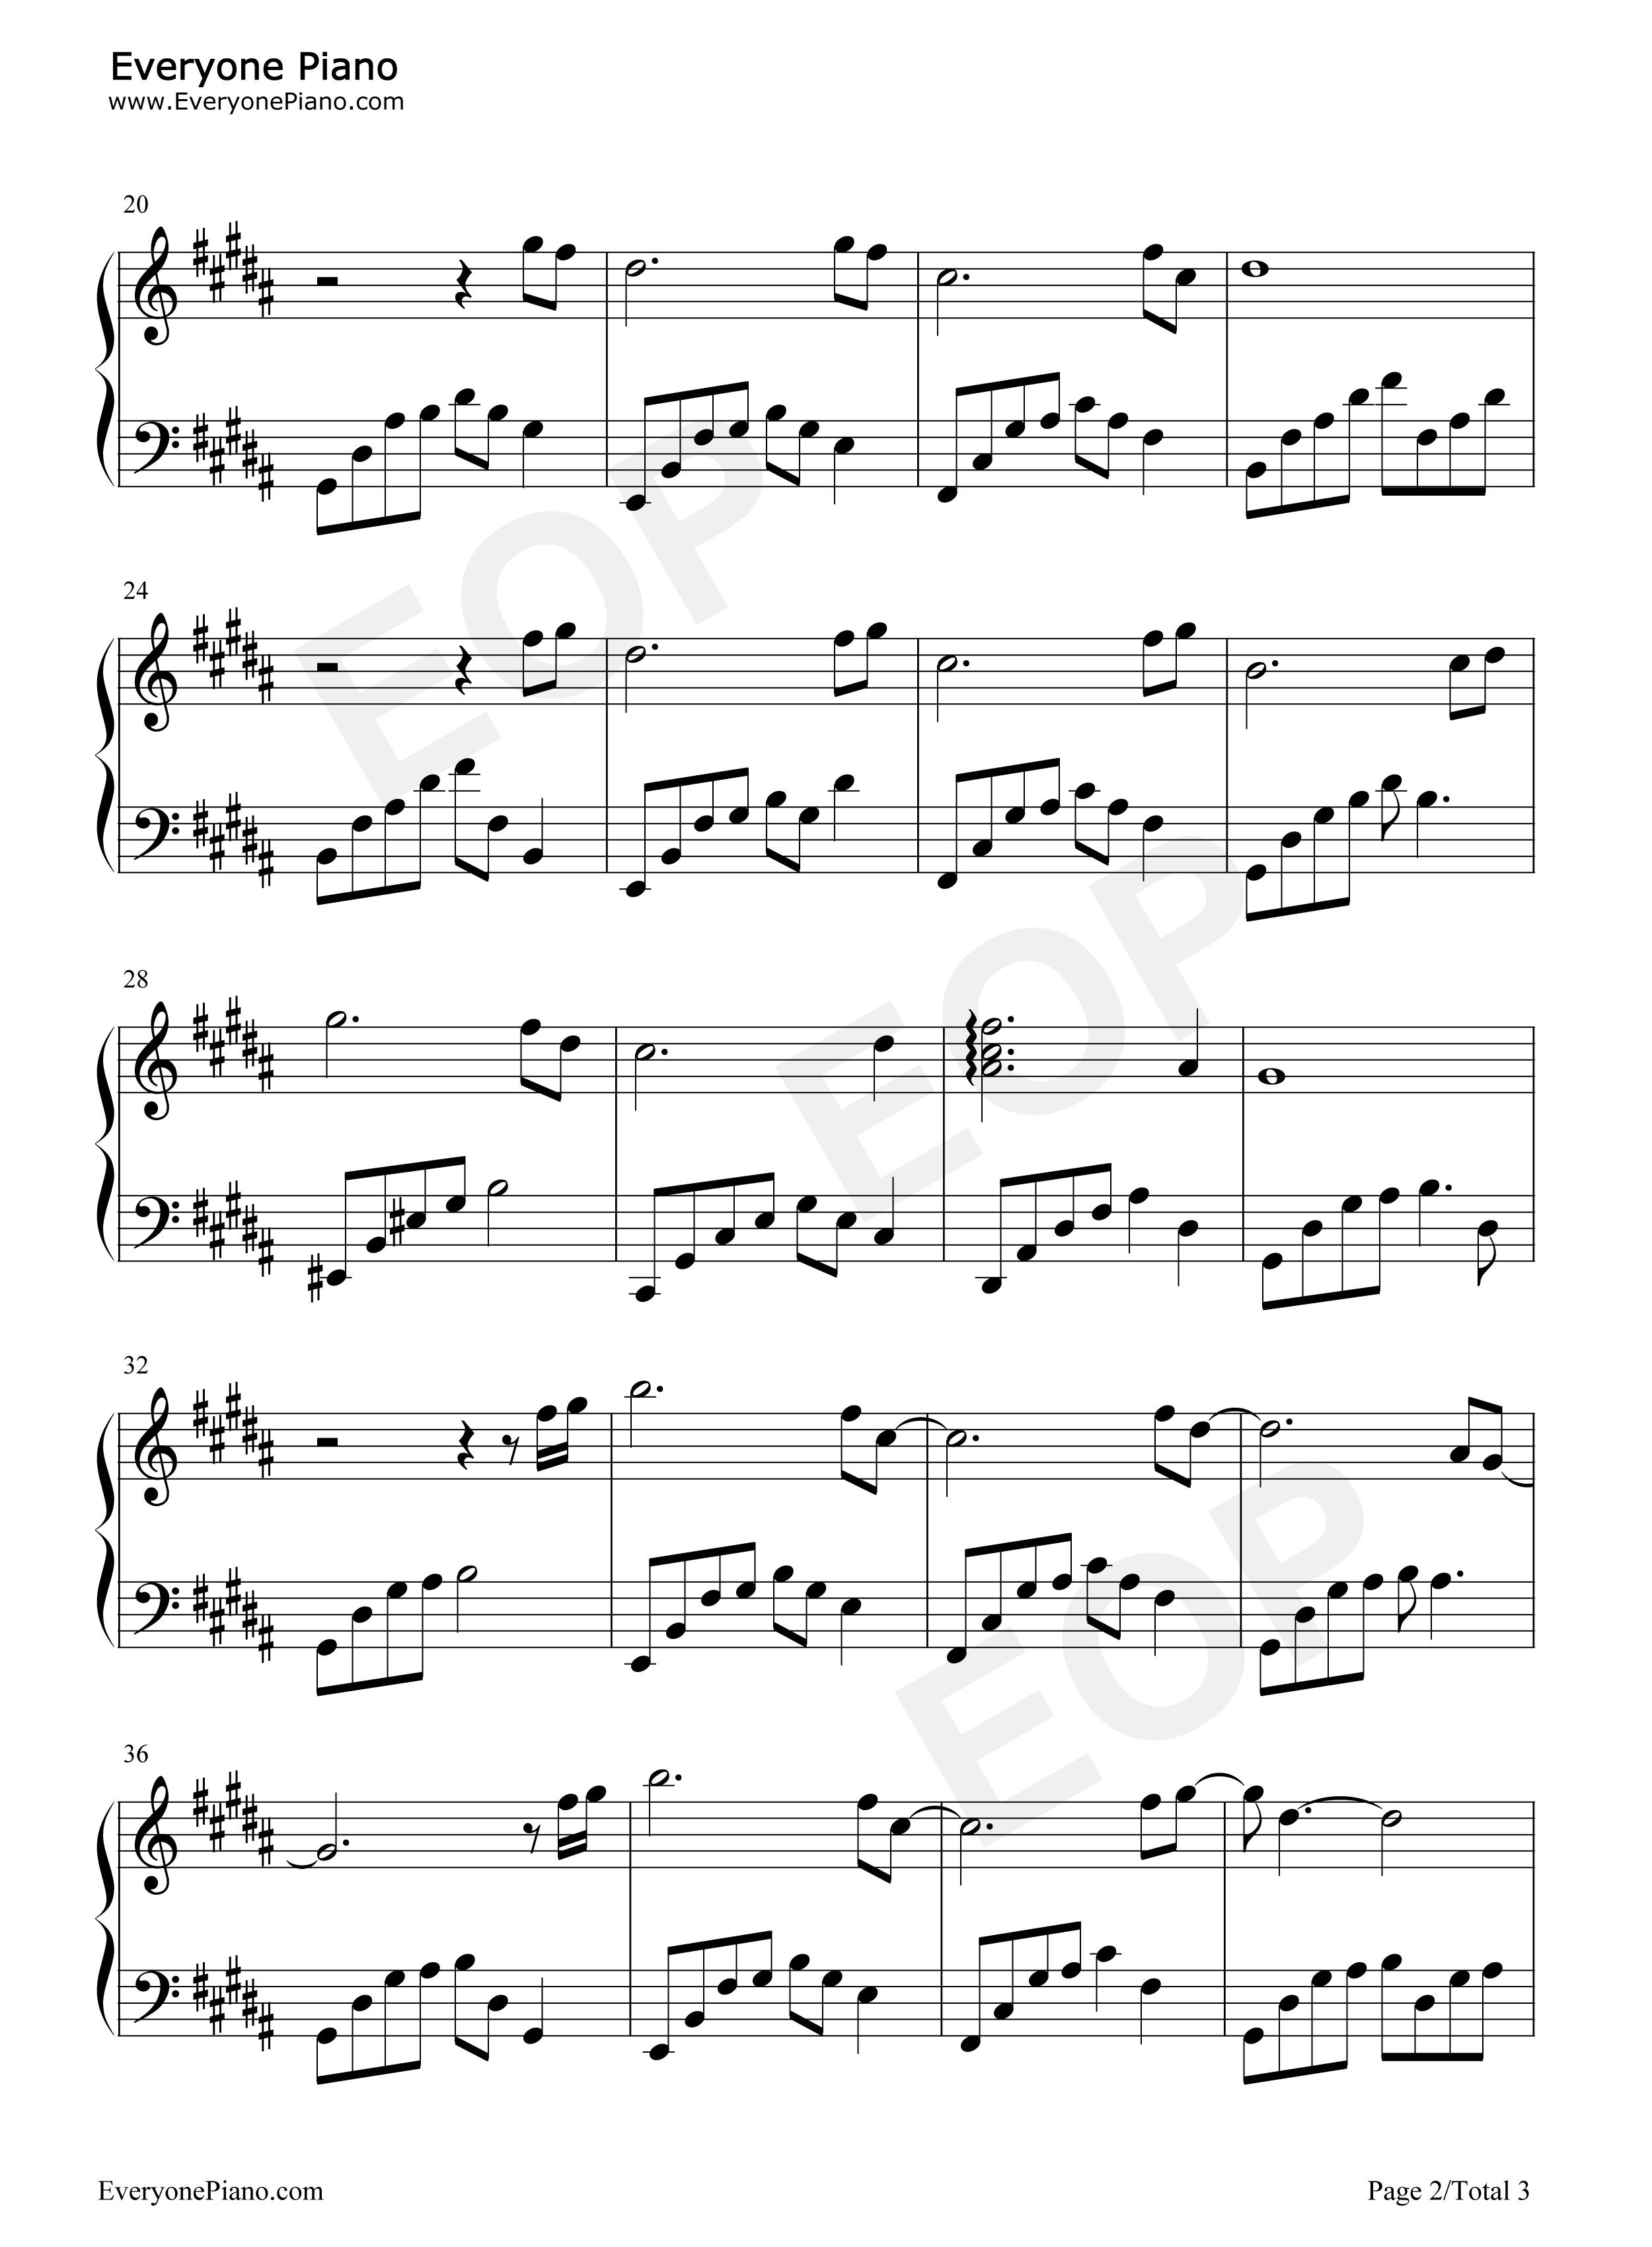 忘了我爱你-夜的钢琴曲 Ⅱ五线谱预览